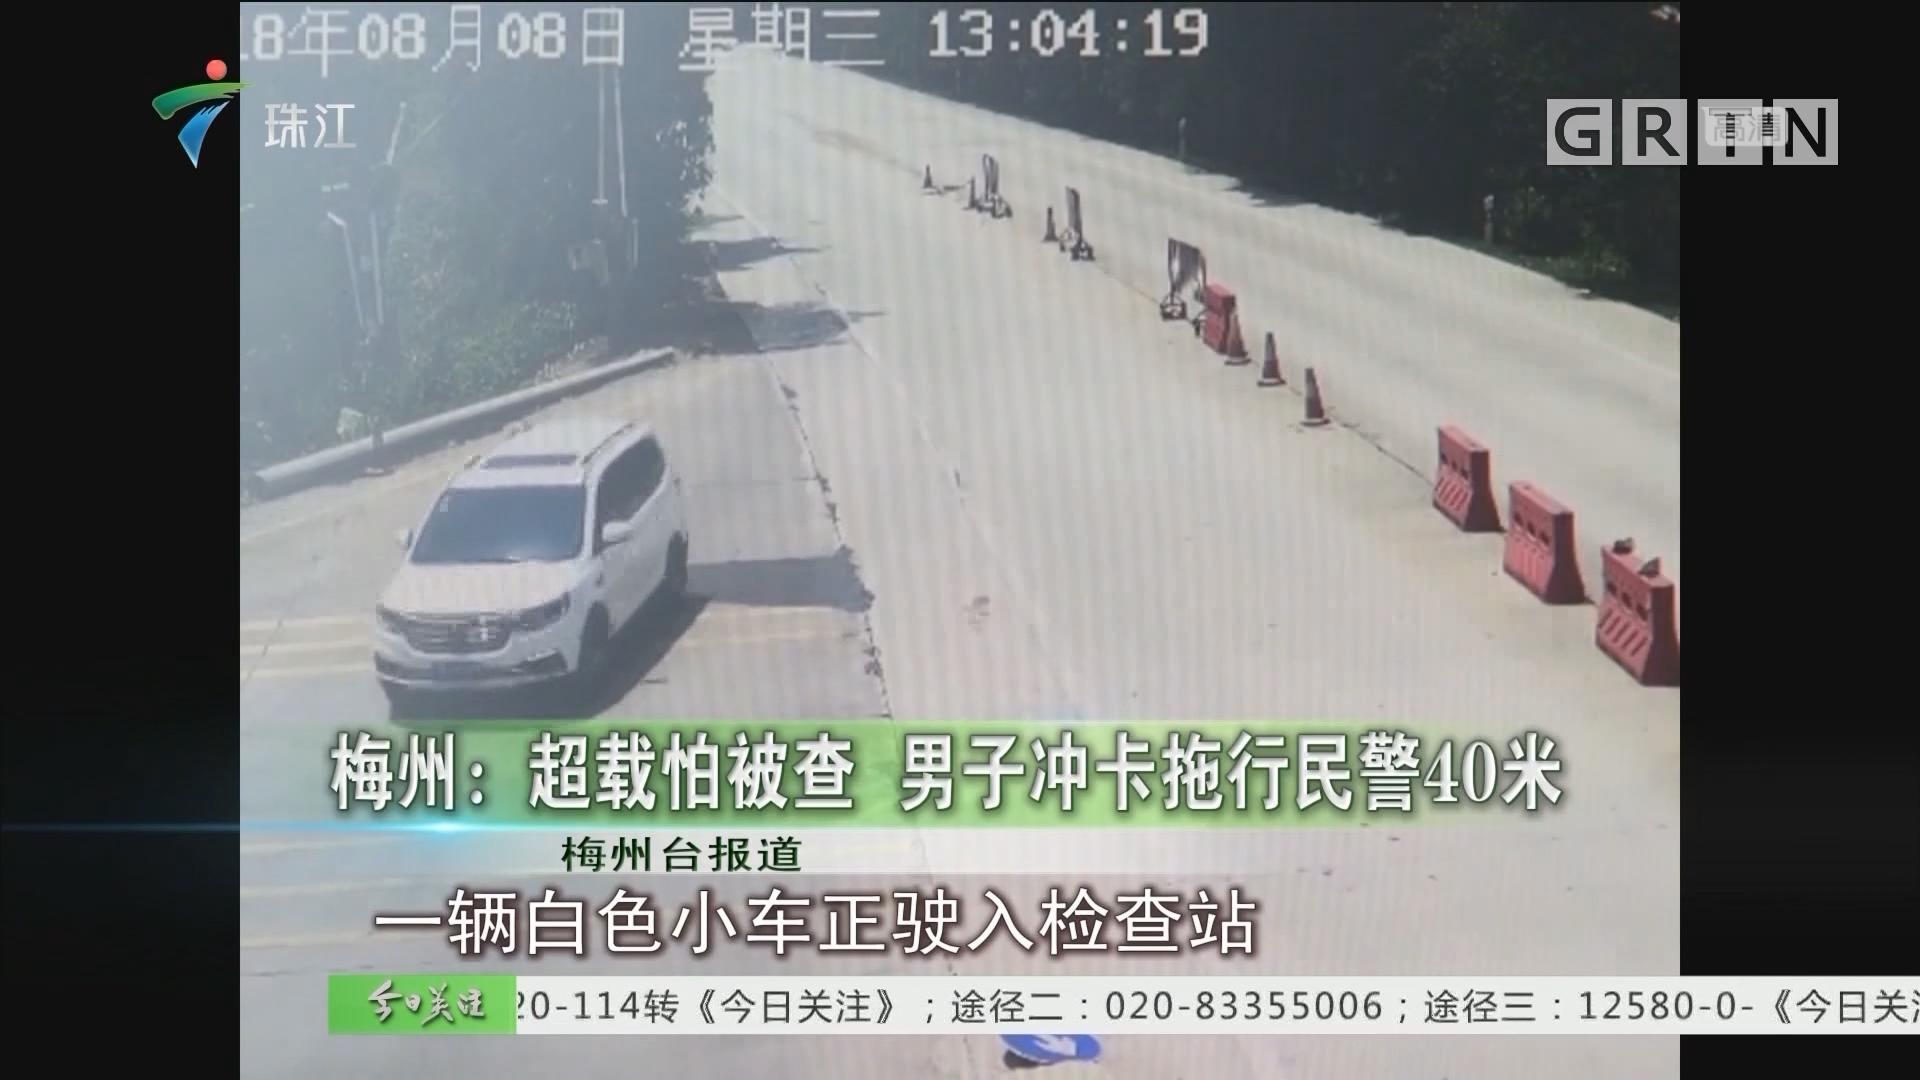 梅州:超载怕被查 男子冲卡拖行民警40米